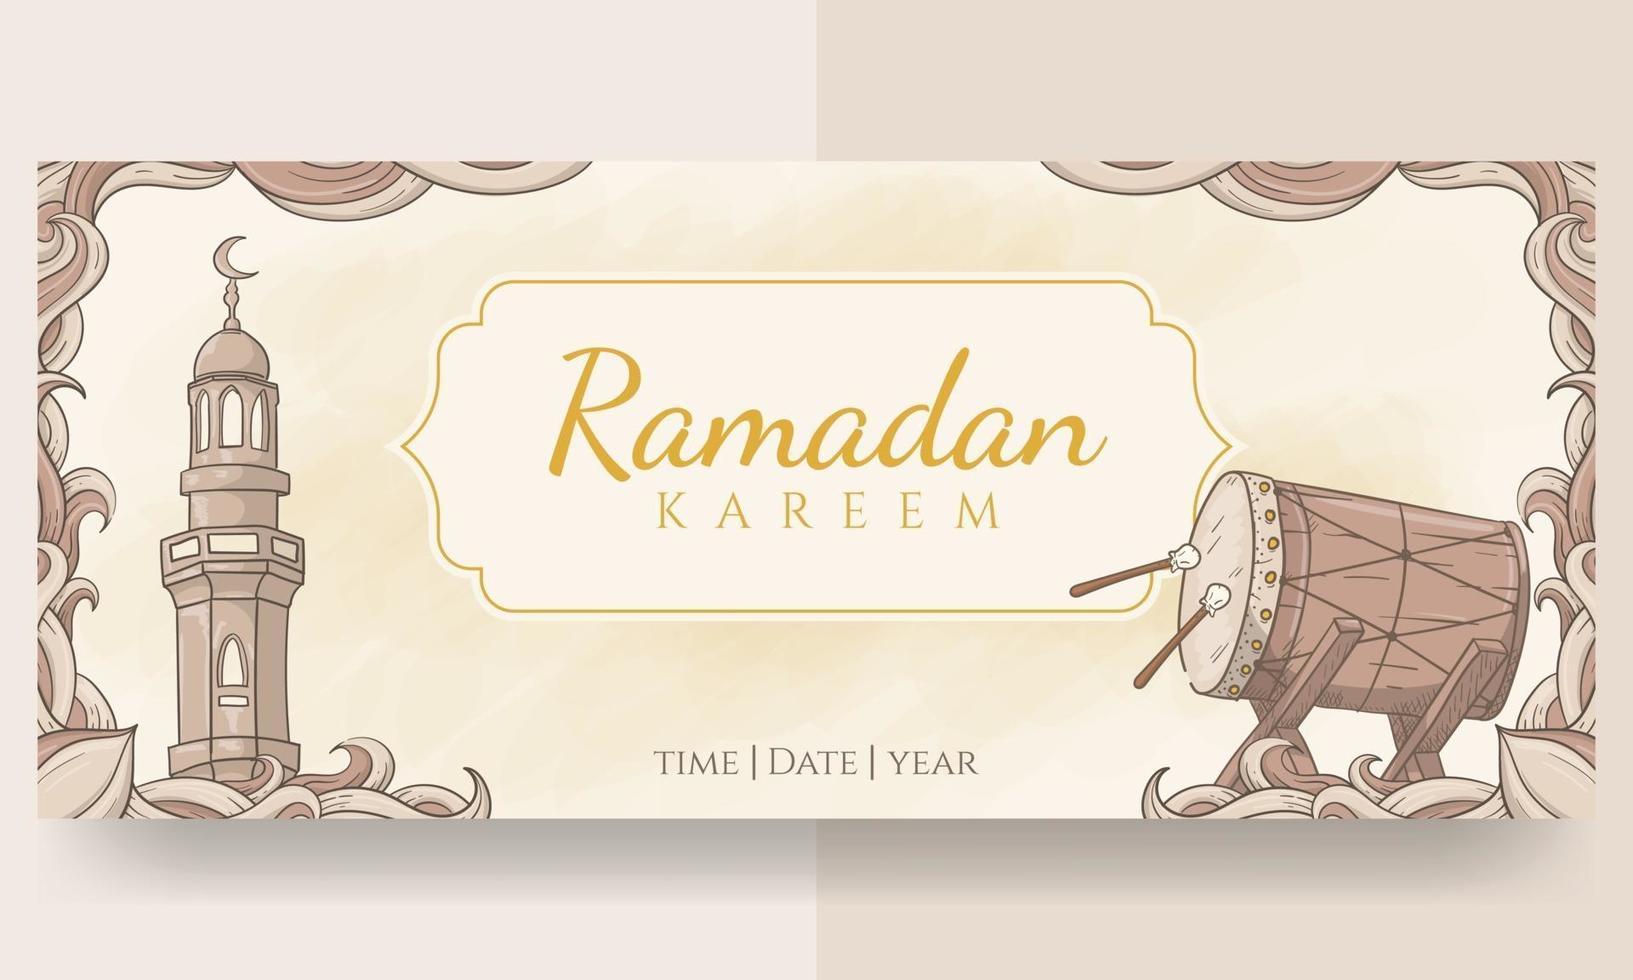 banner di ramadan kareem disegnato a mano vettore